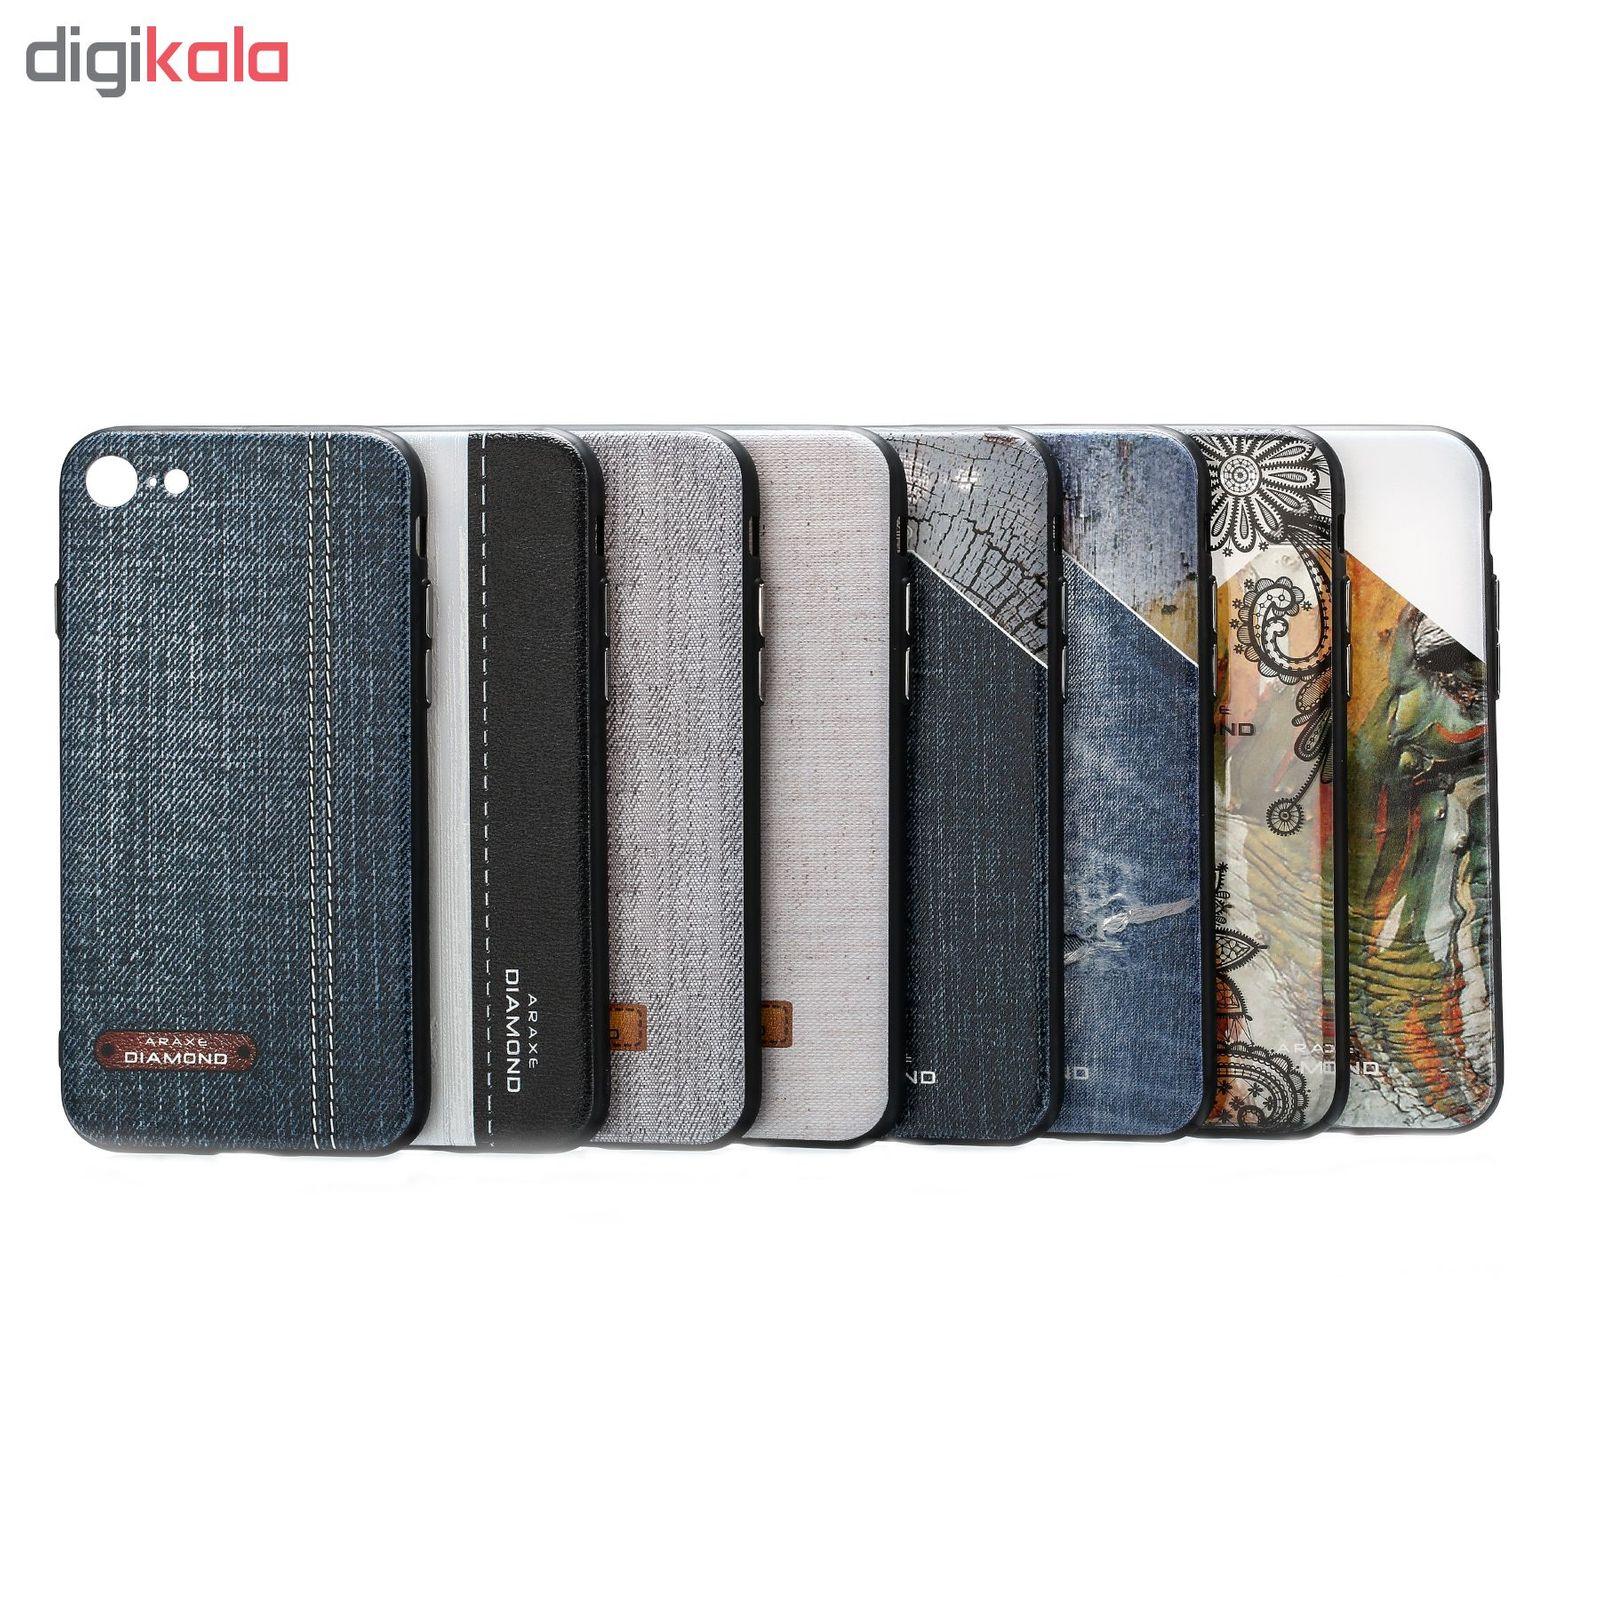 کاور دیاموند مدل  Tree Jeans مناسب برای گوشی موبایل آیفون 7 پلاس main 1 3